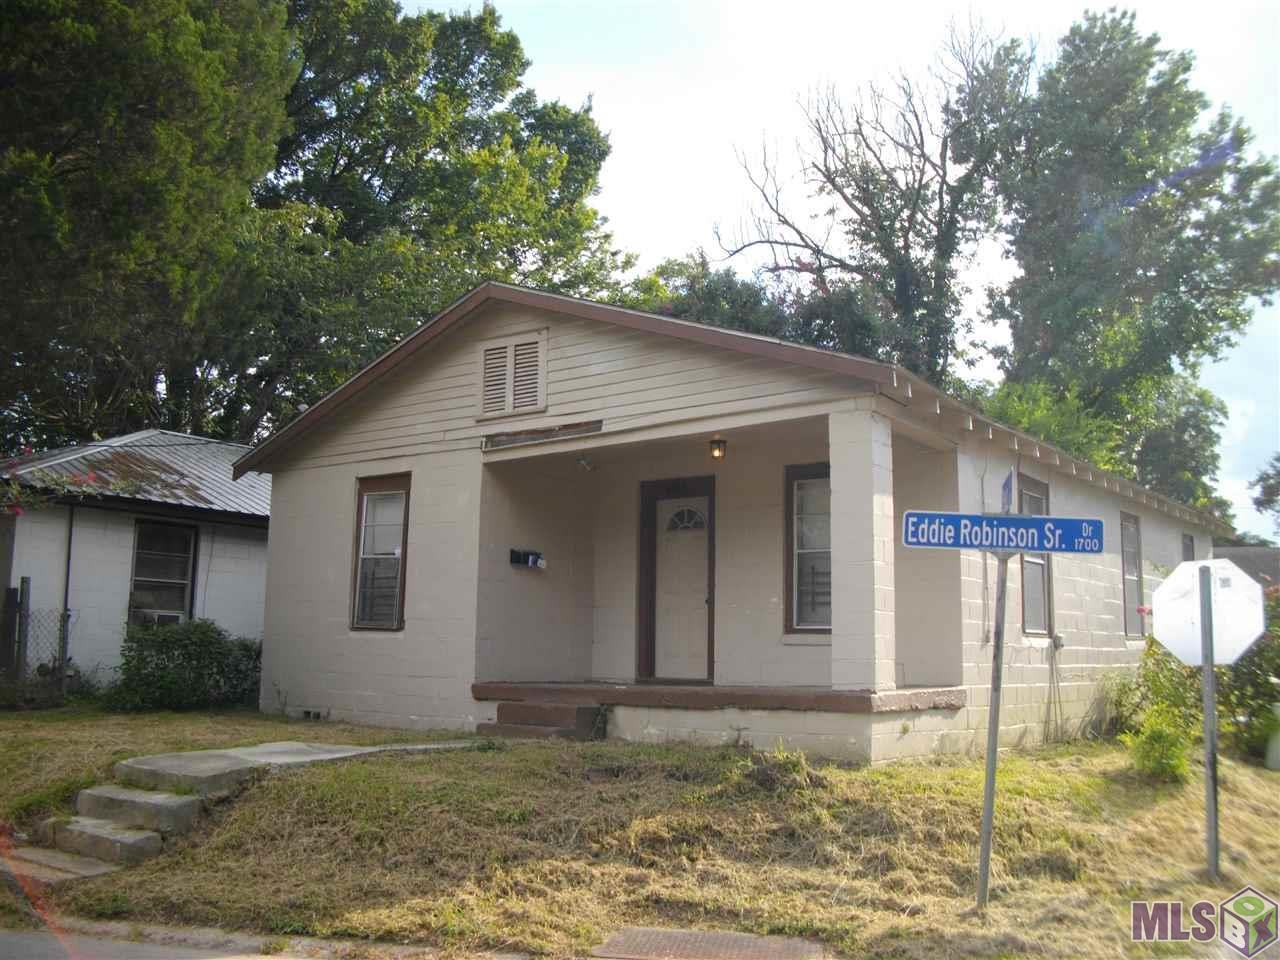 1740 EDDIE ROBINSON DR, Baton Rouge, LA 70802